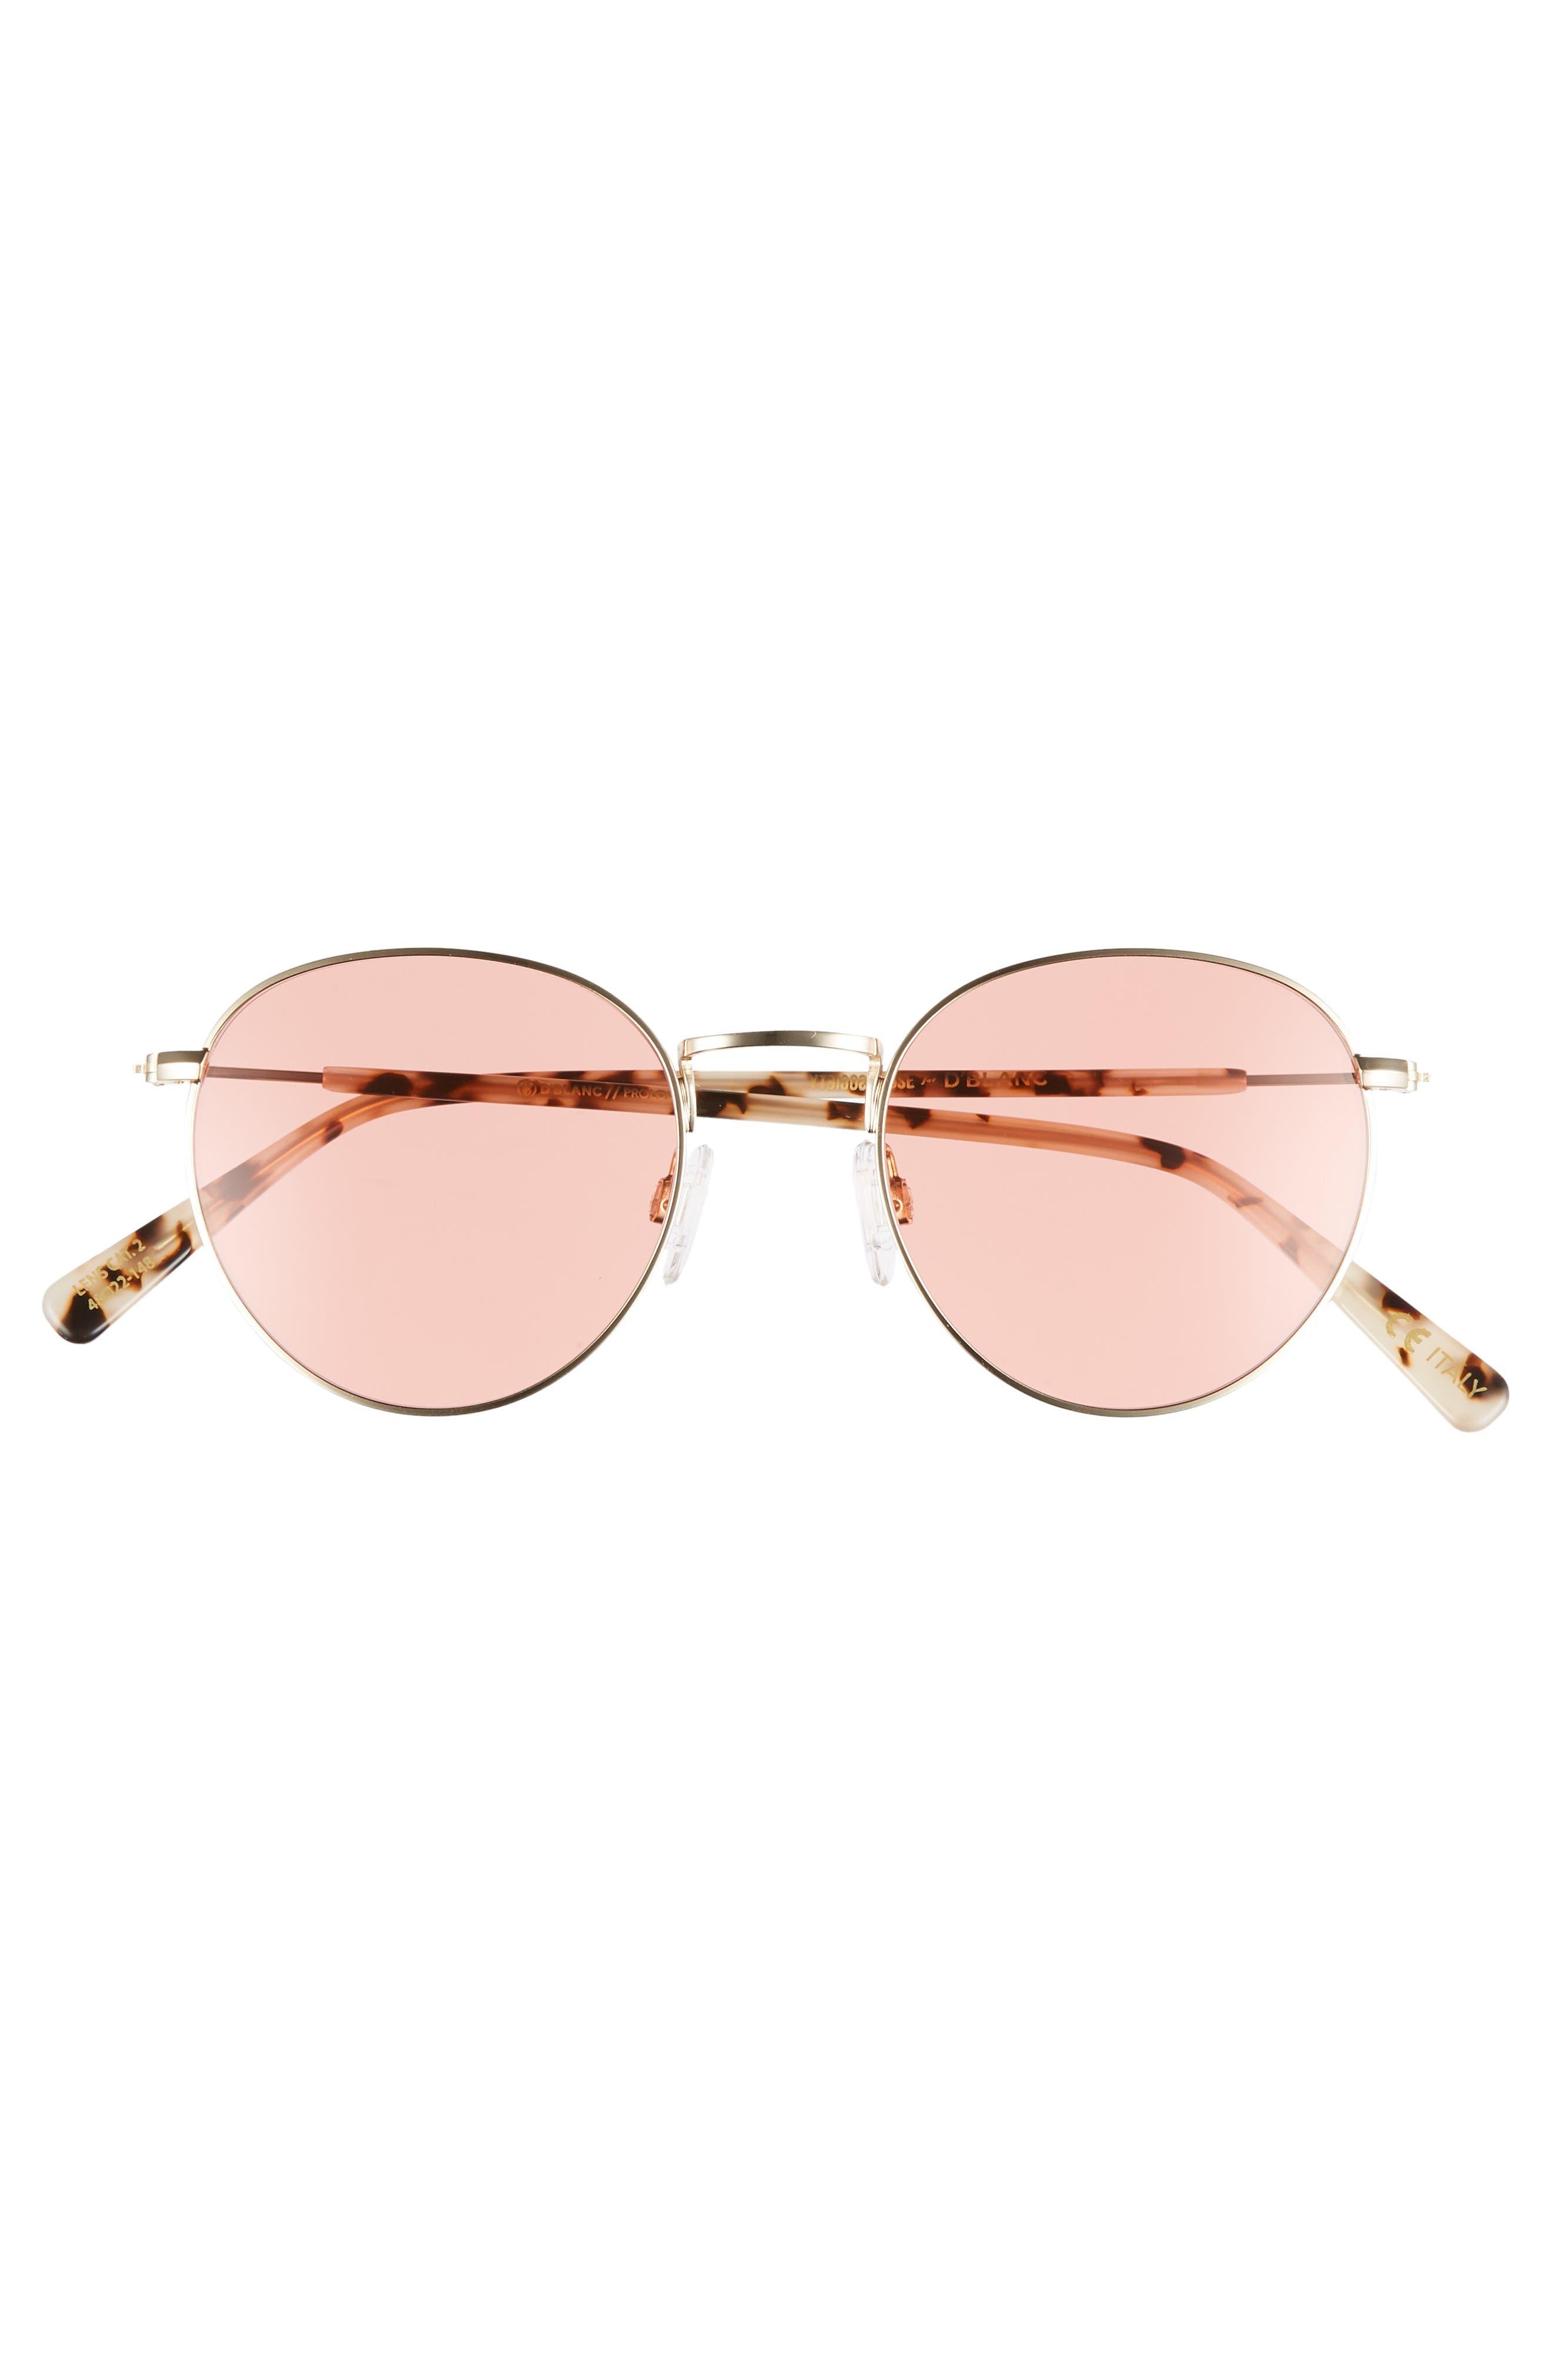 D'BLANC Prologue 48mm Sunglasses,                             Alternate thumbnail 3, color,                             710